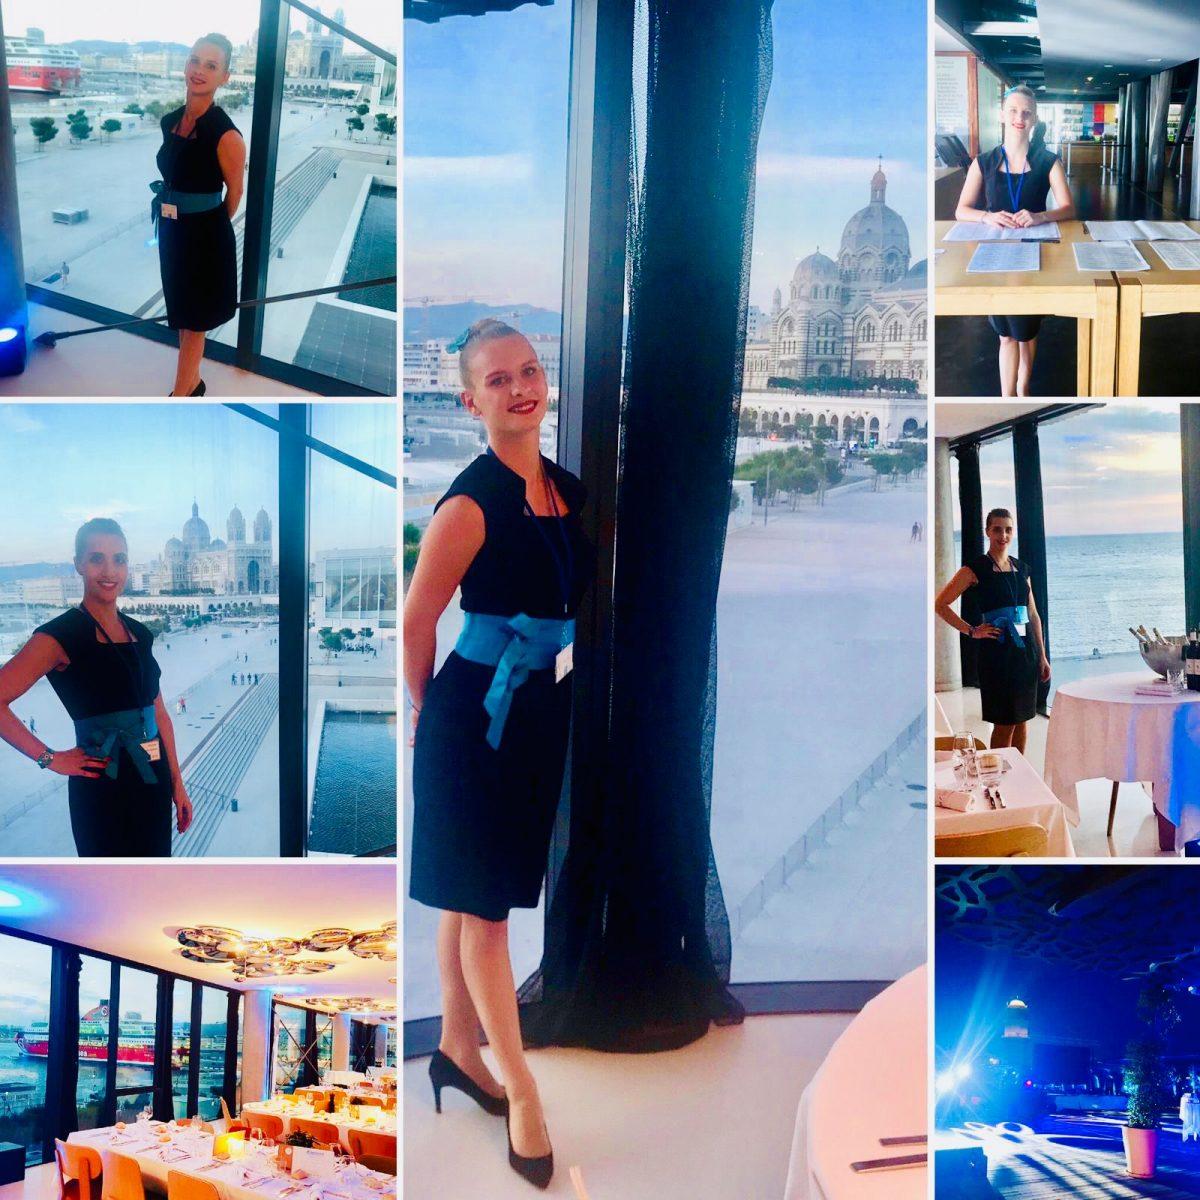 Agence hotesse Paris, L'agence ELEGANCE hôtesses Paris est une agence d'hôtesses spécialisée en accueil événementiel. Agence d'hôtesse à Paris Cannes Lyon.